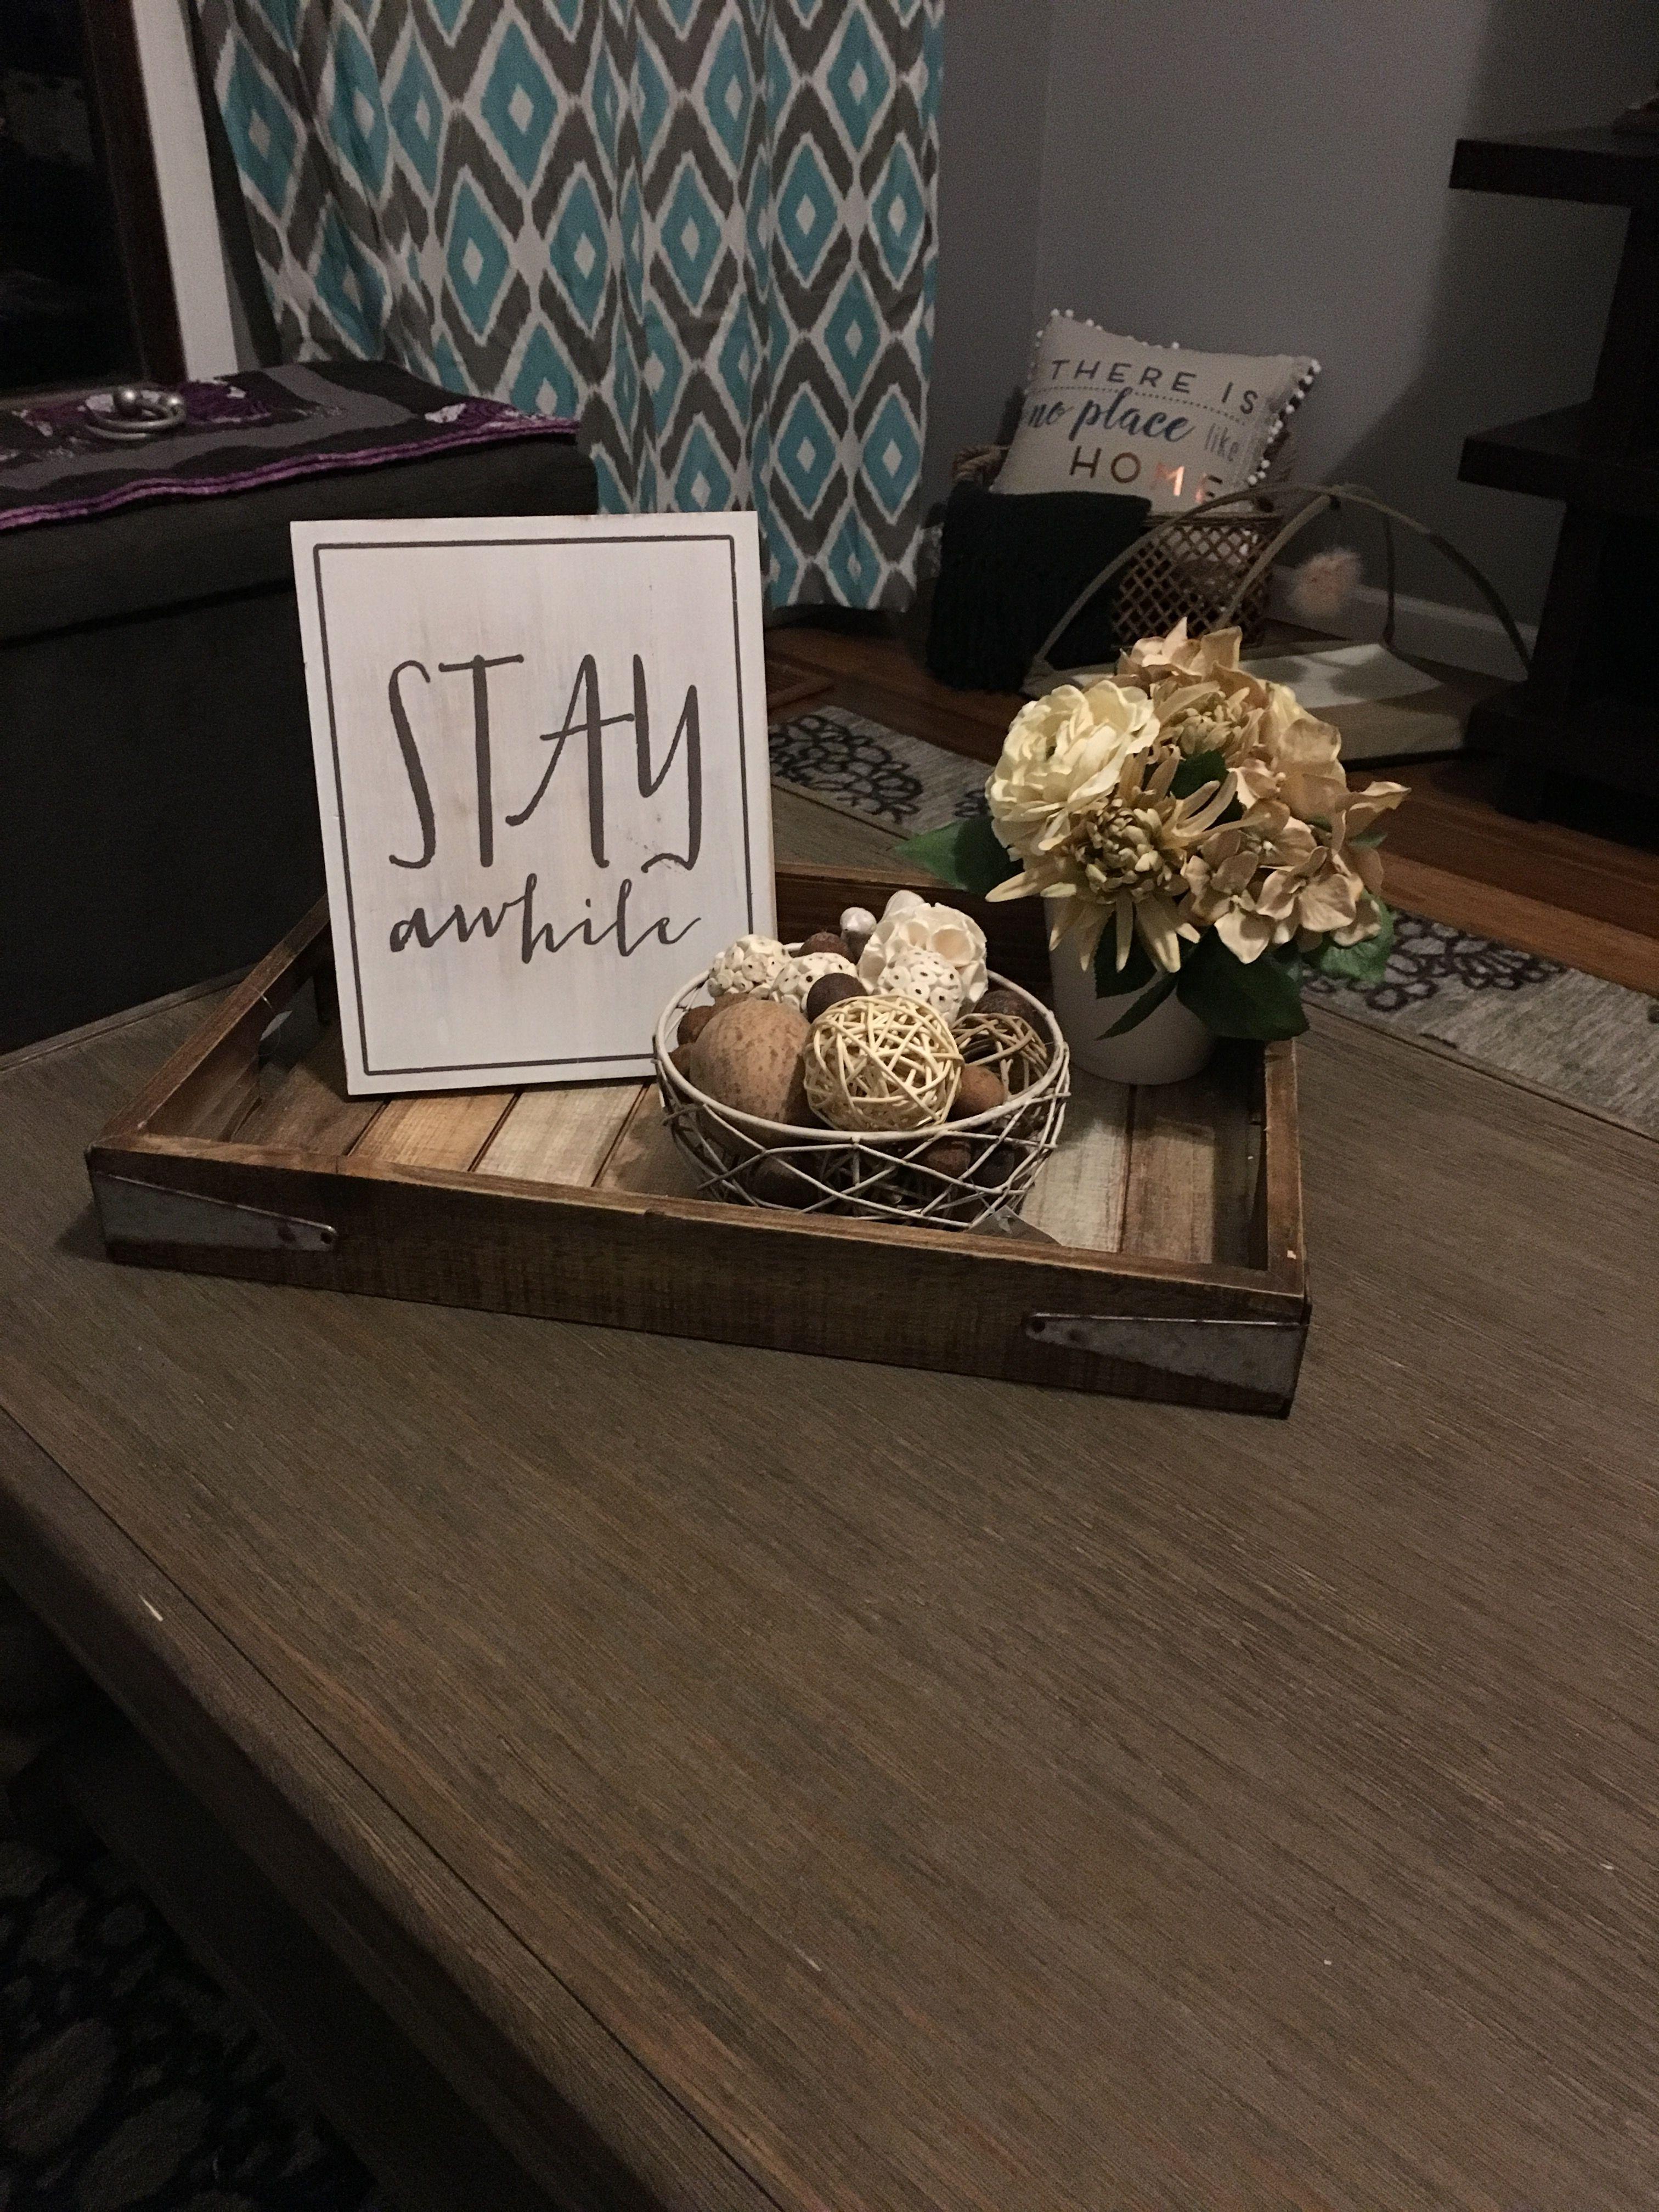 Super cute coffee table decor